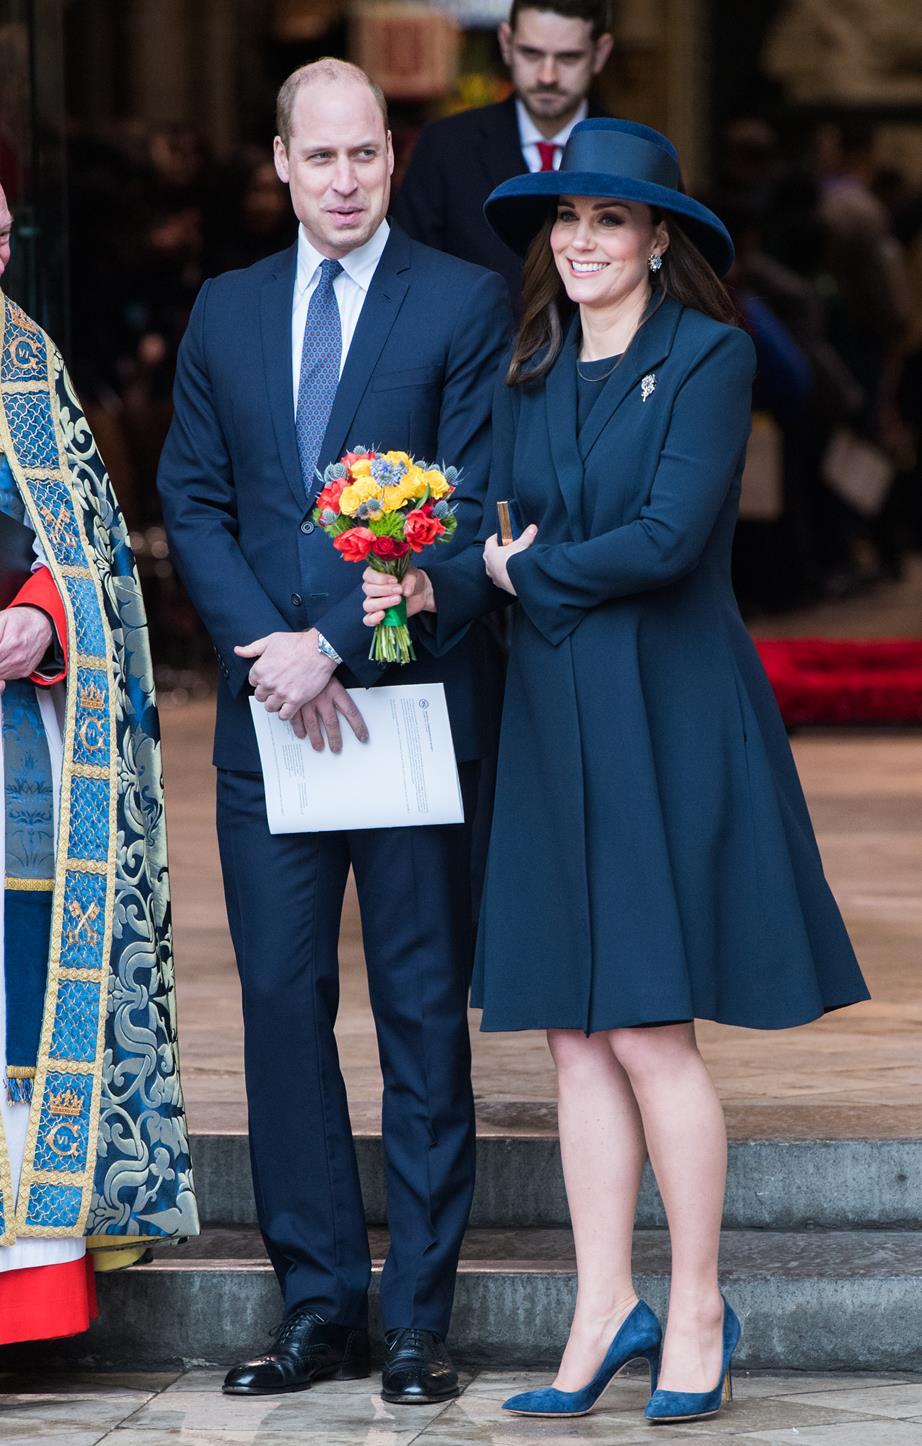 Кейт Миддлтон и Меган Маркл вместе на праздновании Дня Содружества наций